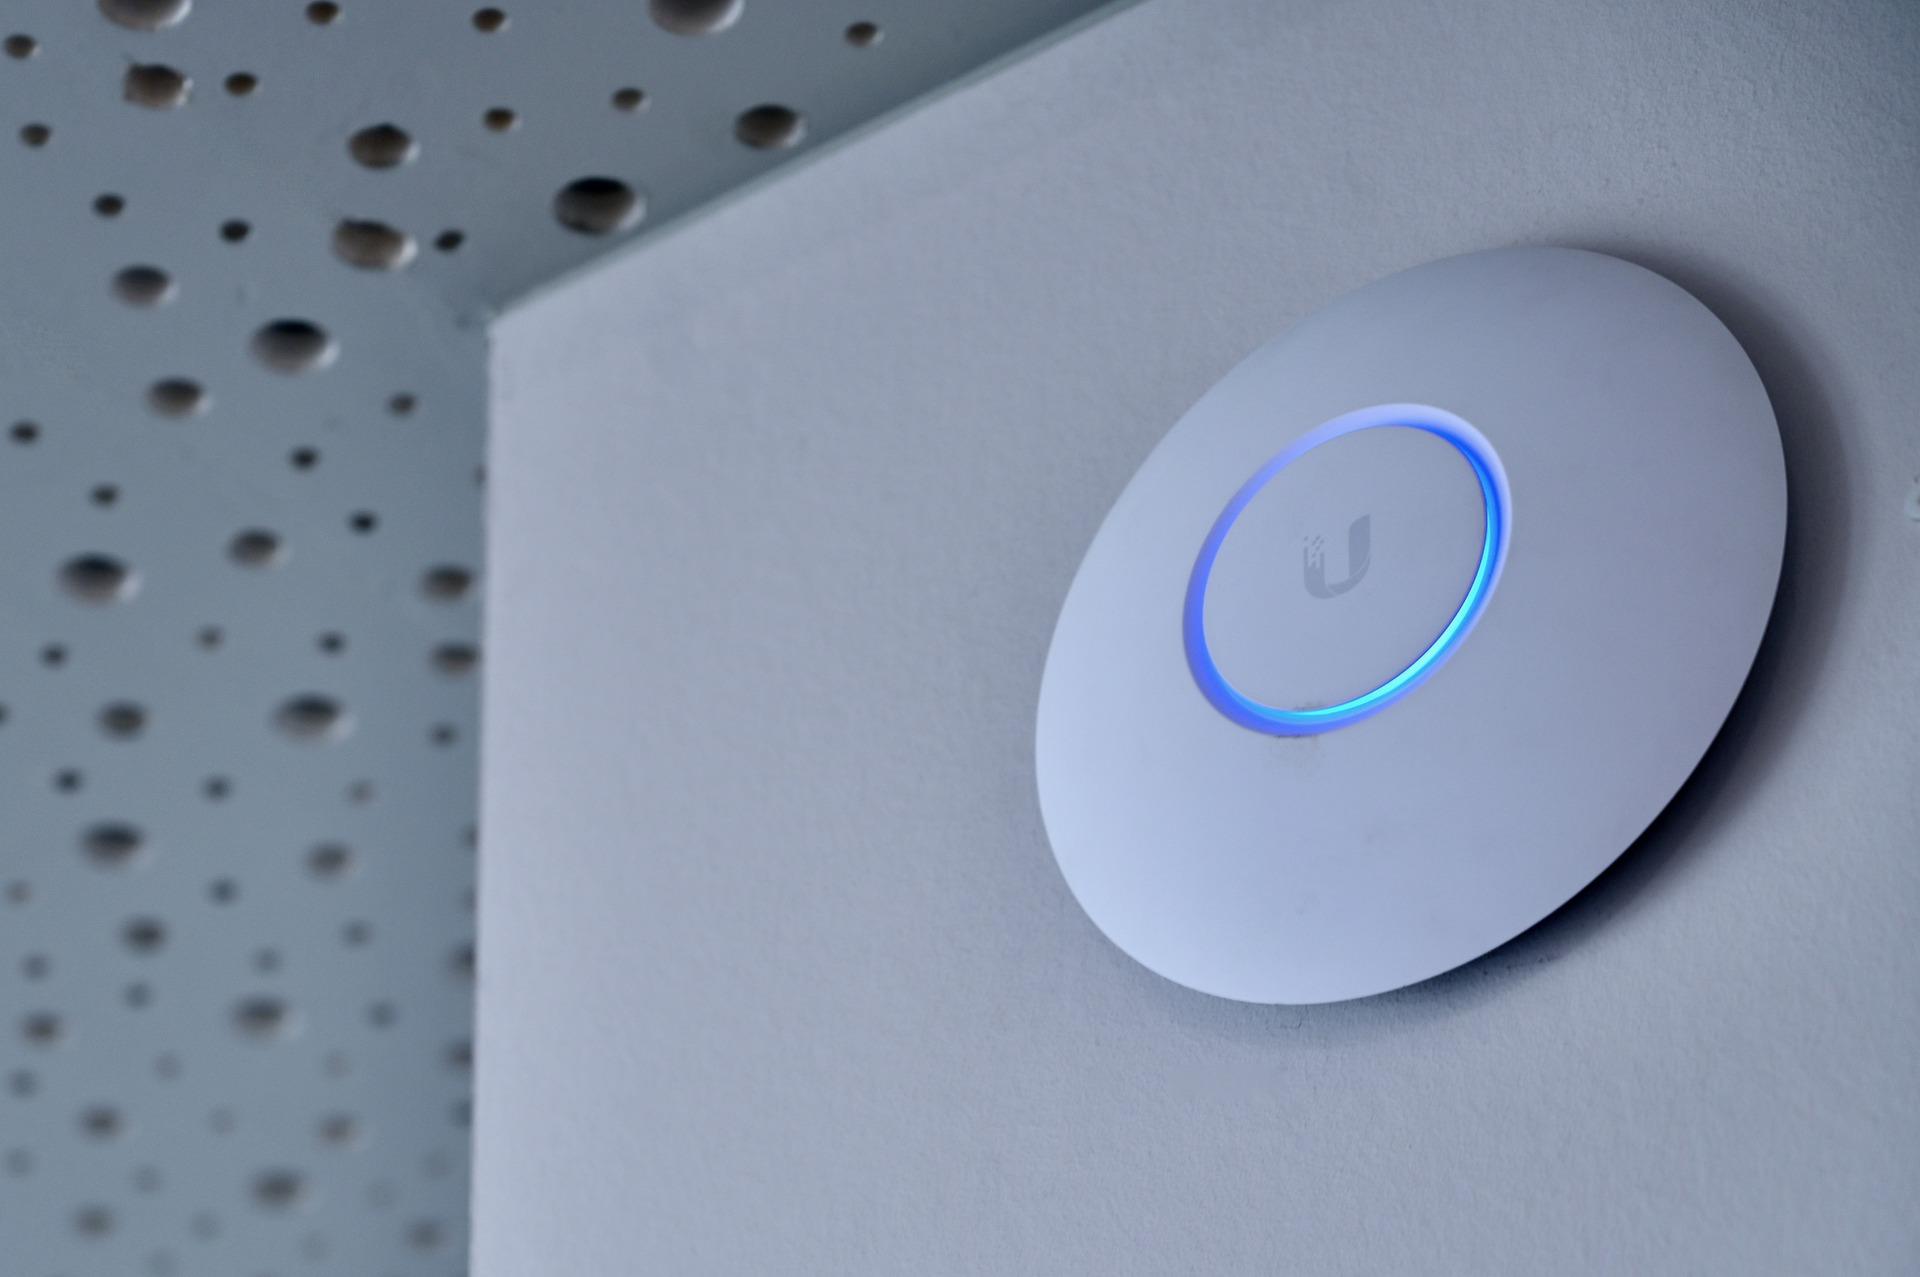 Imagem mostra um access point instalado em uma parede.